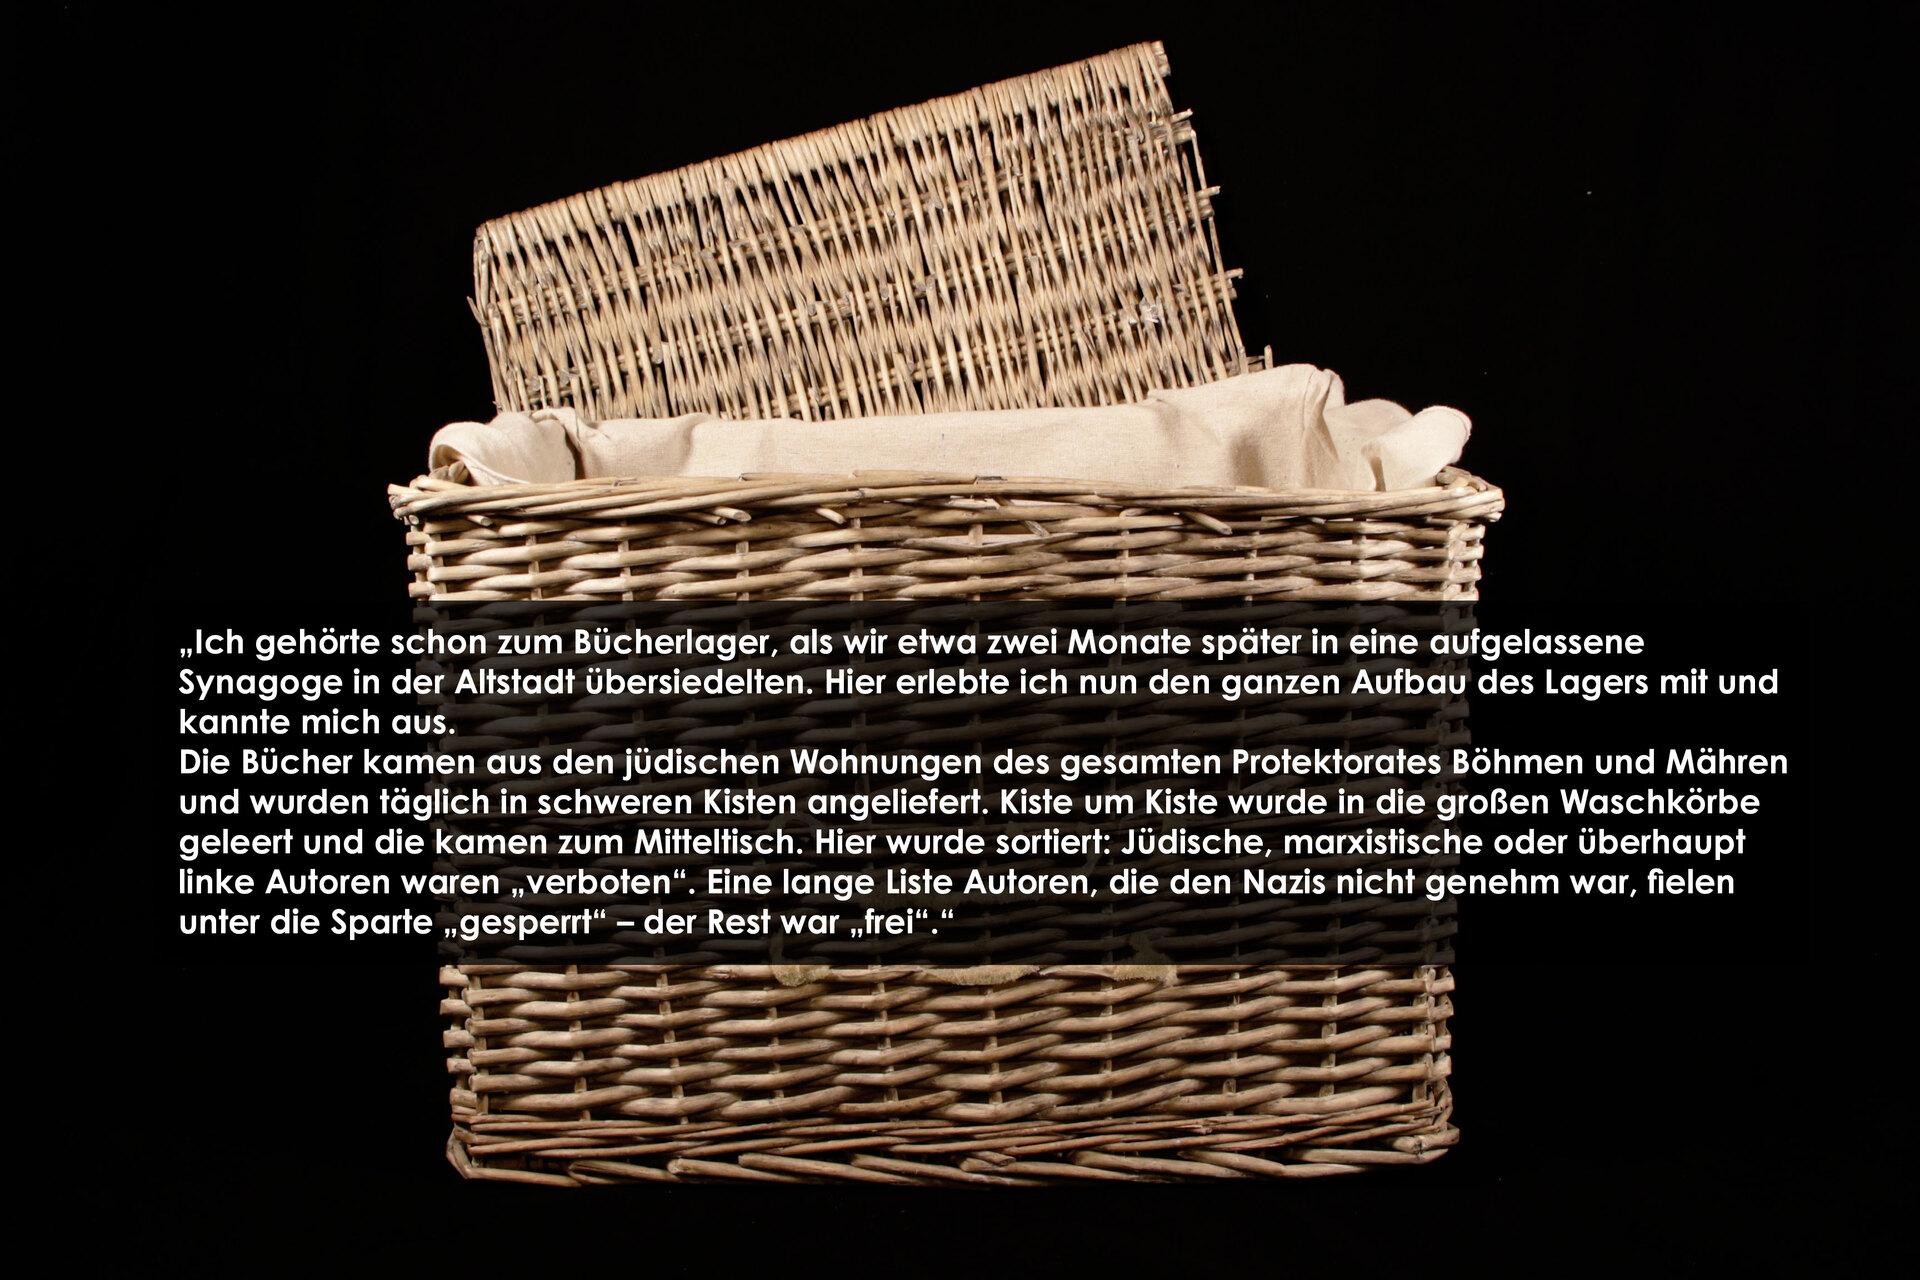 Zitate-Illu_S21-3_Bücherlager-Wäschekorb.jpg